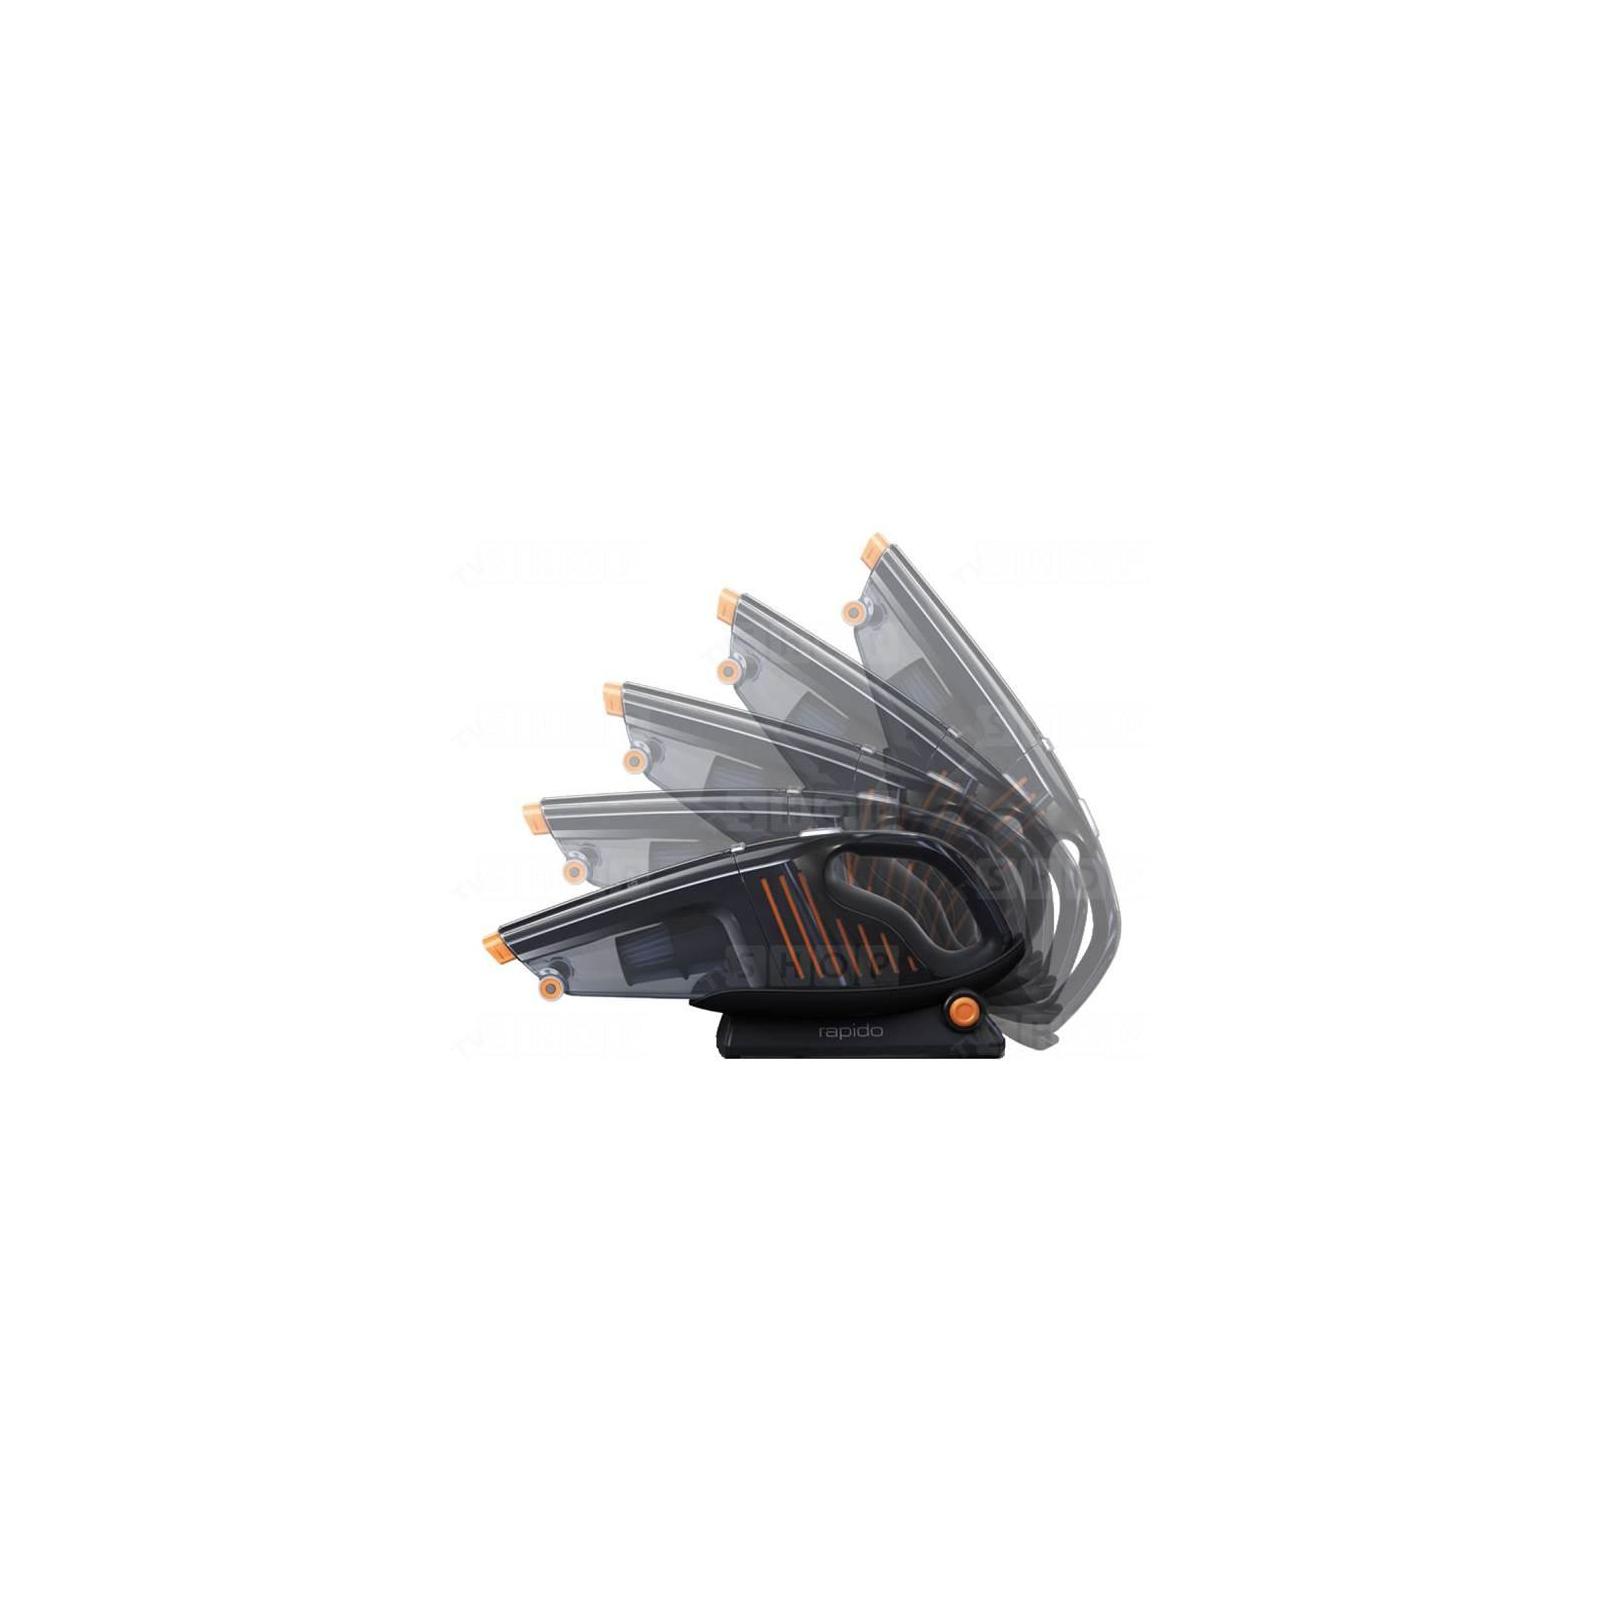 Пылесос ELECTROLUX ZB5112E изображение 3